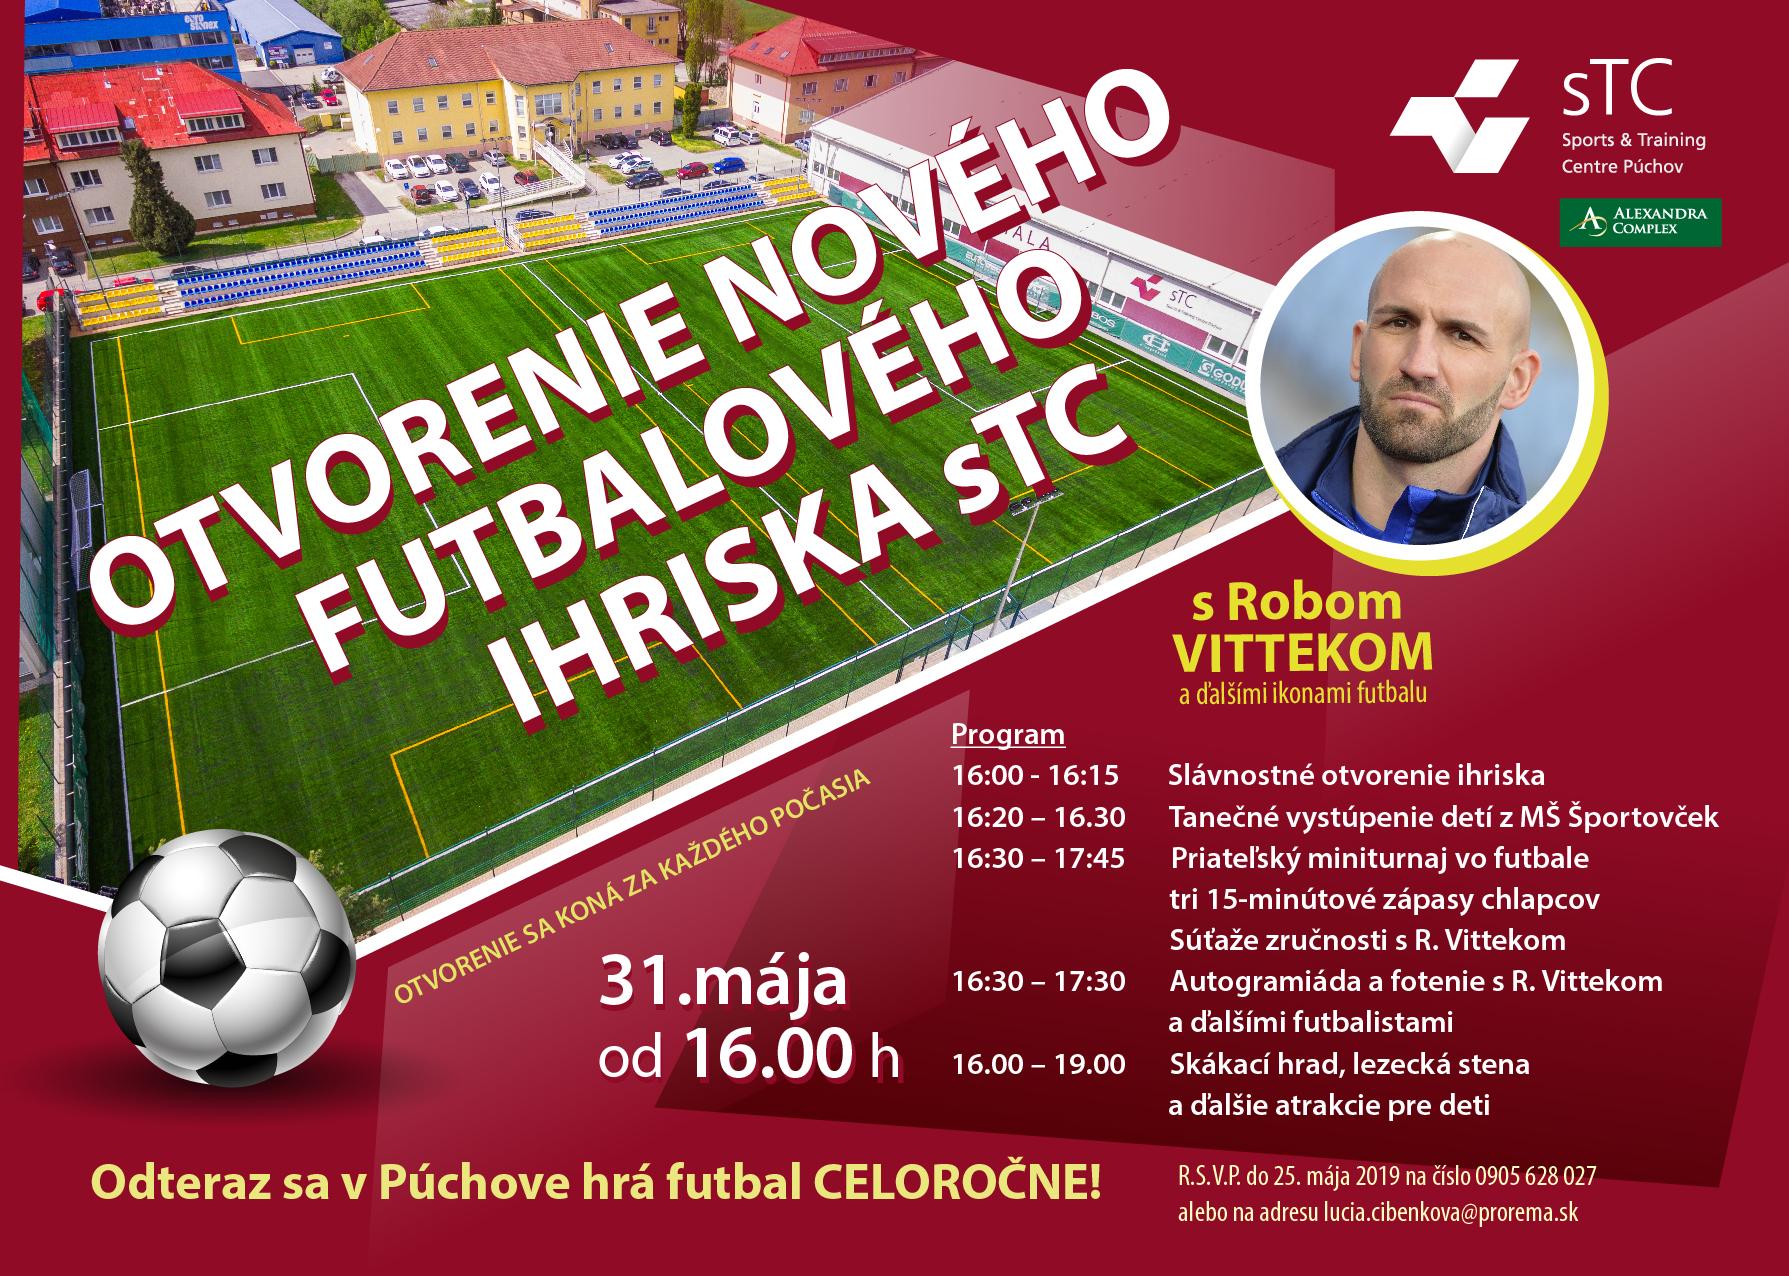 ab5df71a76330 Otvorenie nového futbalového ihriska v STC Púchov s Robom Vittekom!    SDEŤMI.com